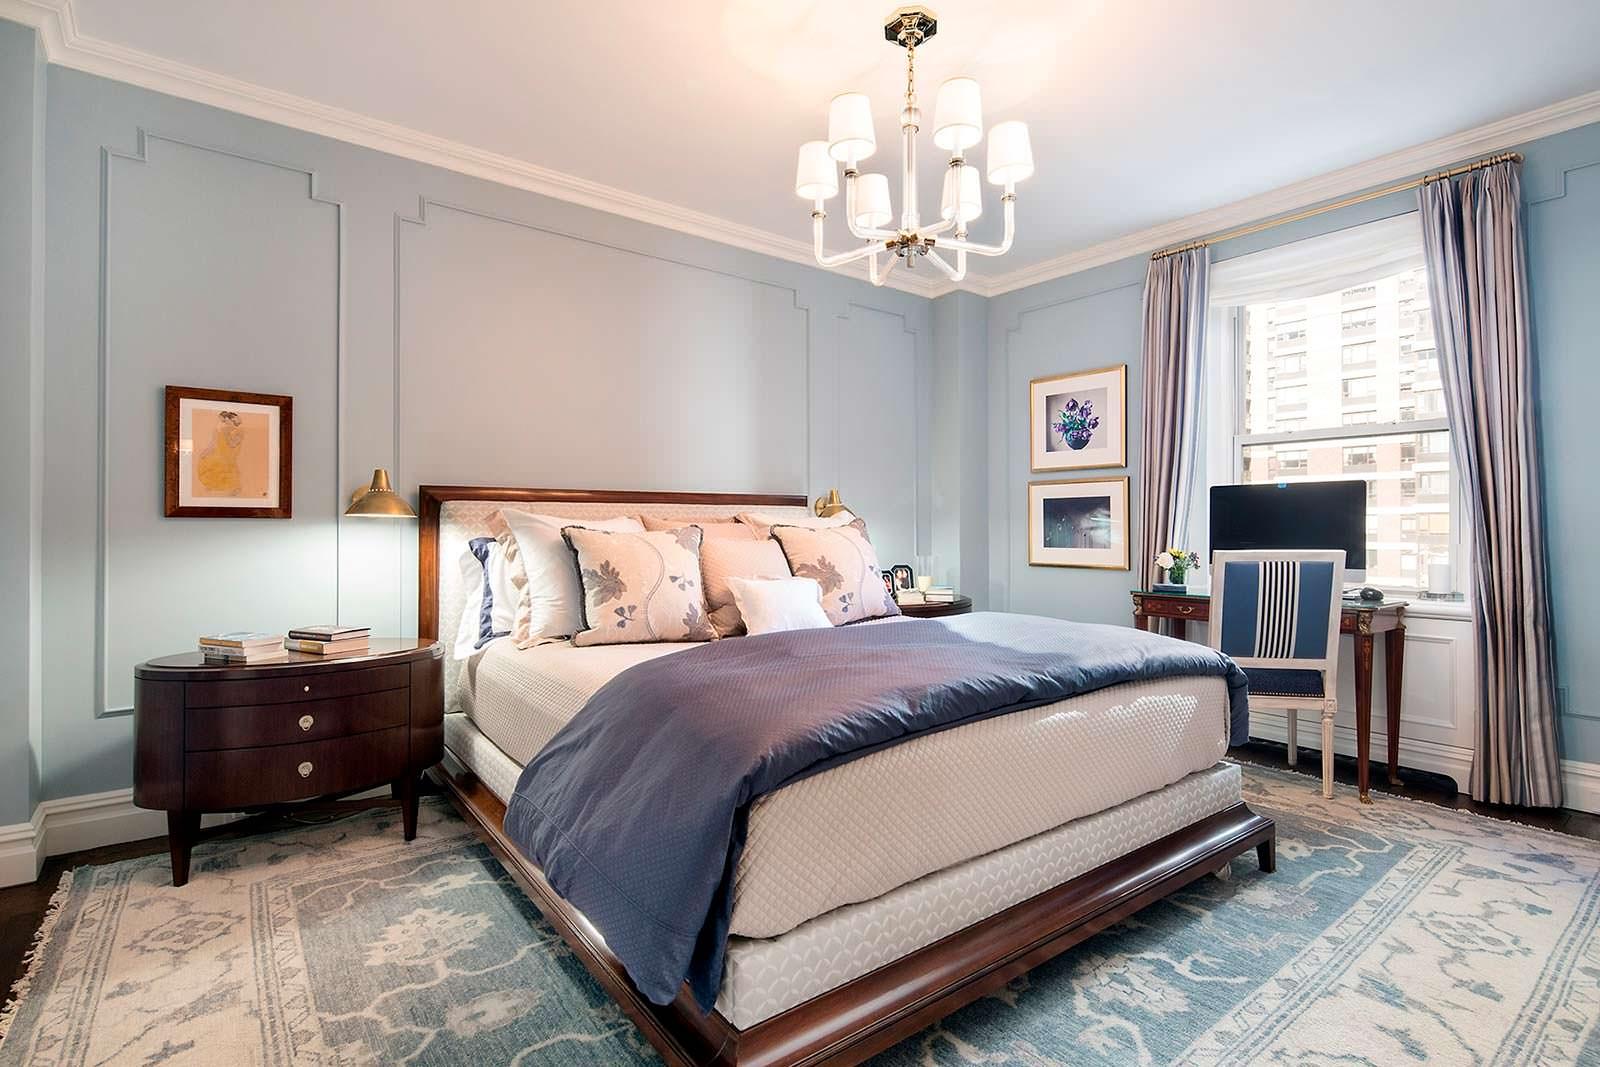 Одна спальня в квартире. Аристократический дизайн